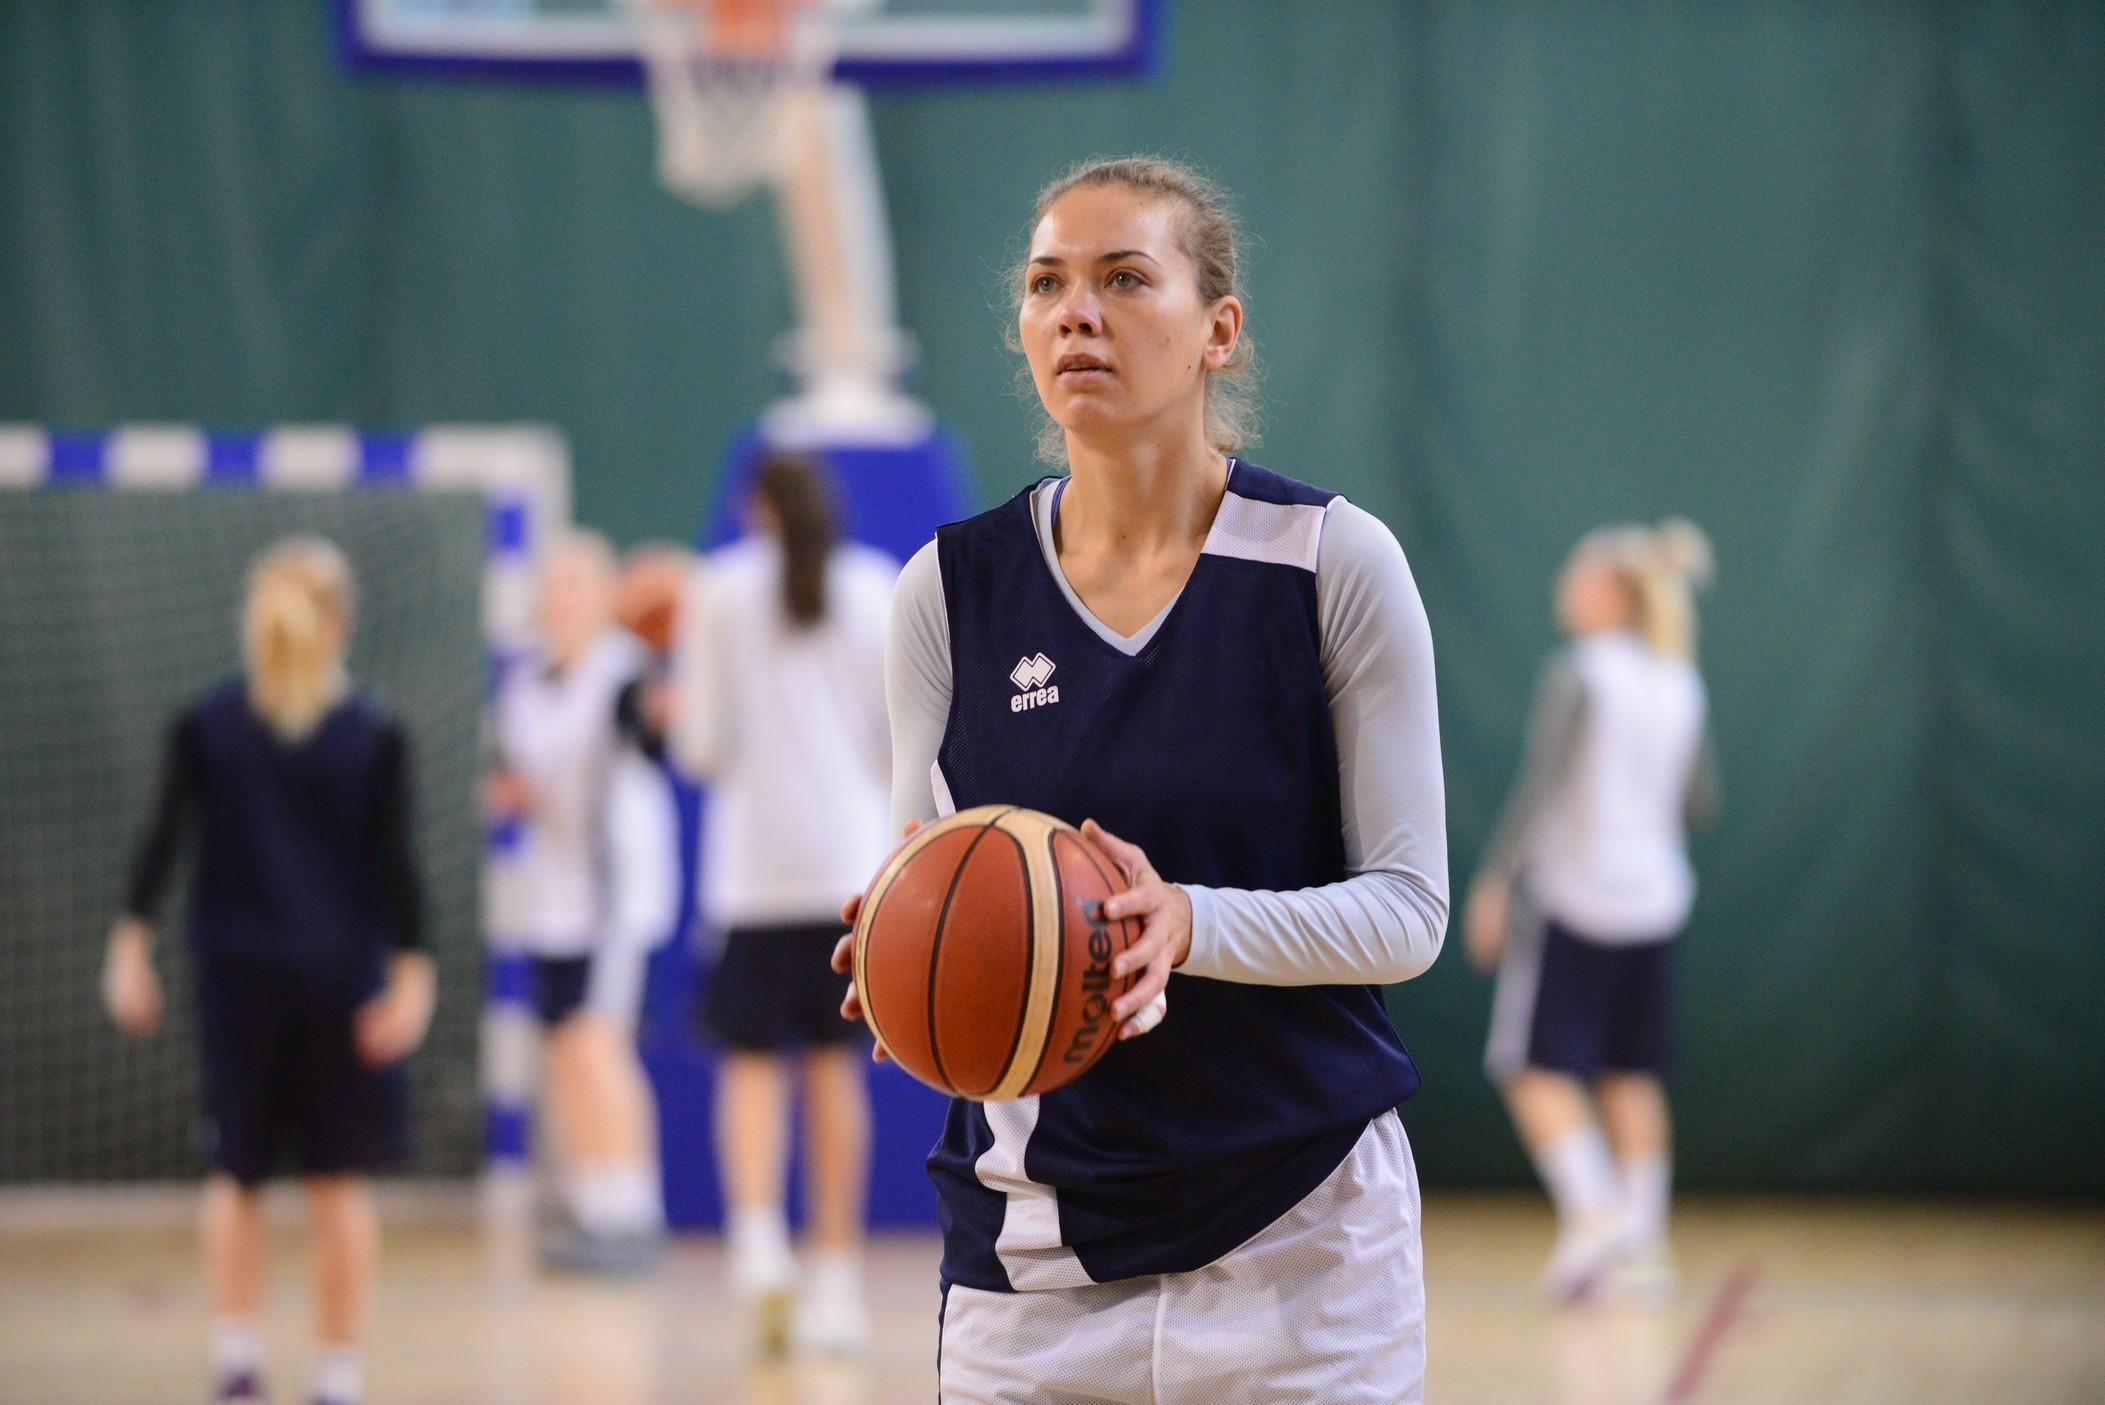 Жіноча збірна України: київська підготовка до турніру у Латвії